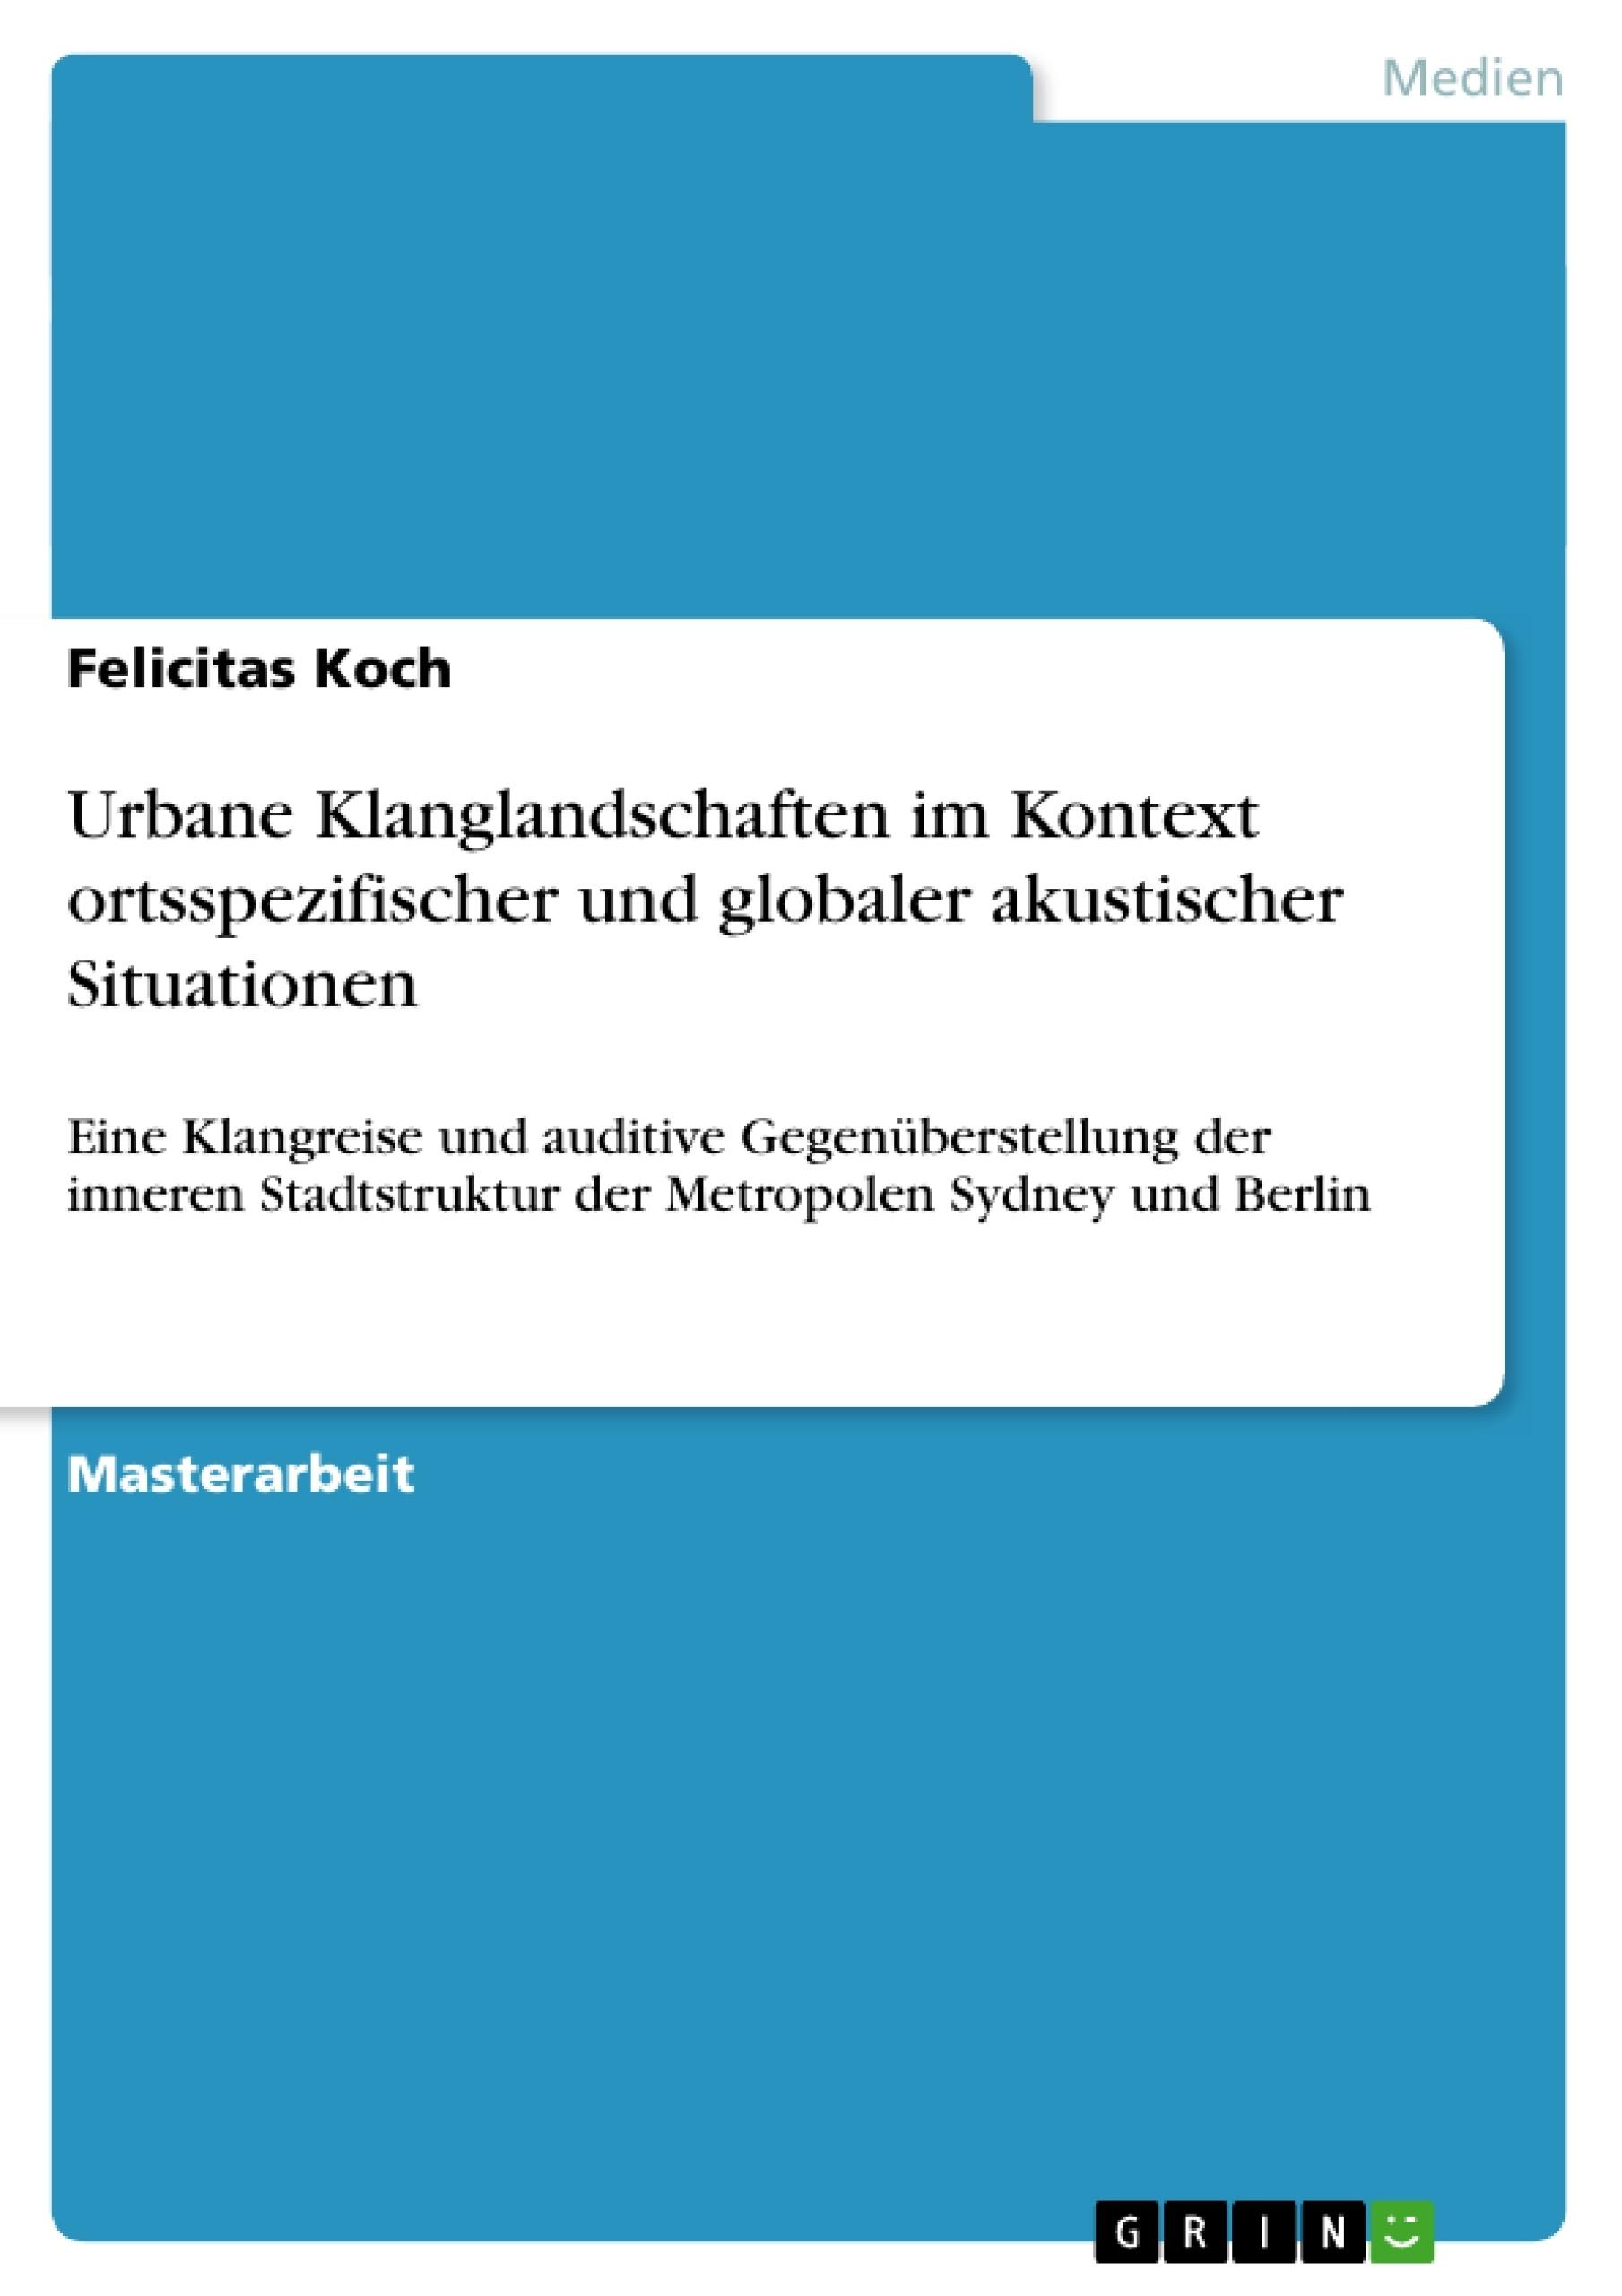 Titel: Urbane Klanglandschaften im Kontext ortsspezifischer und globaler akustischer Situationen